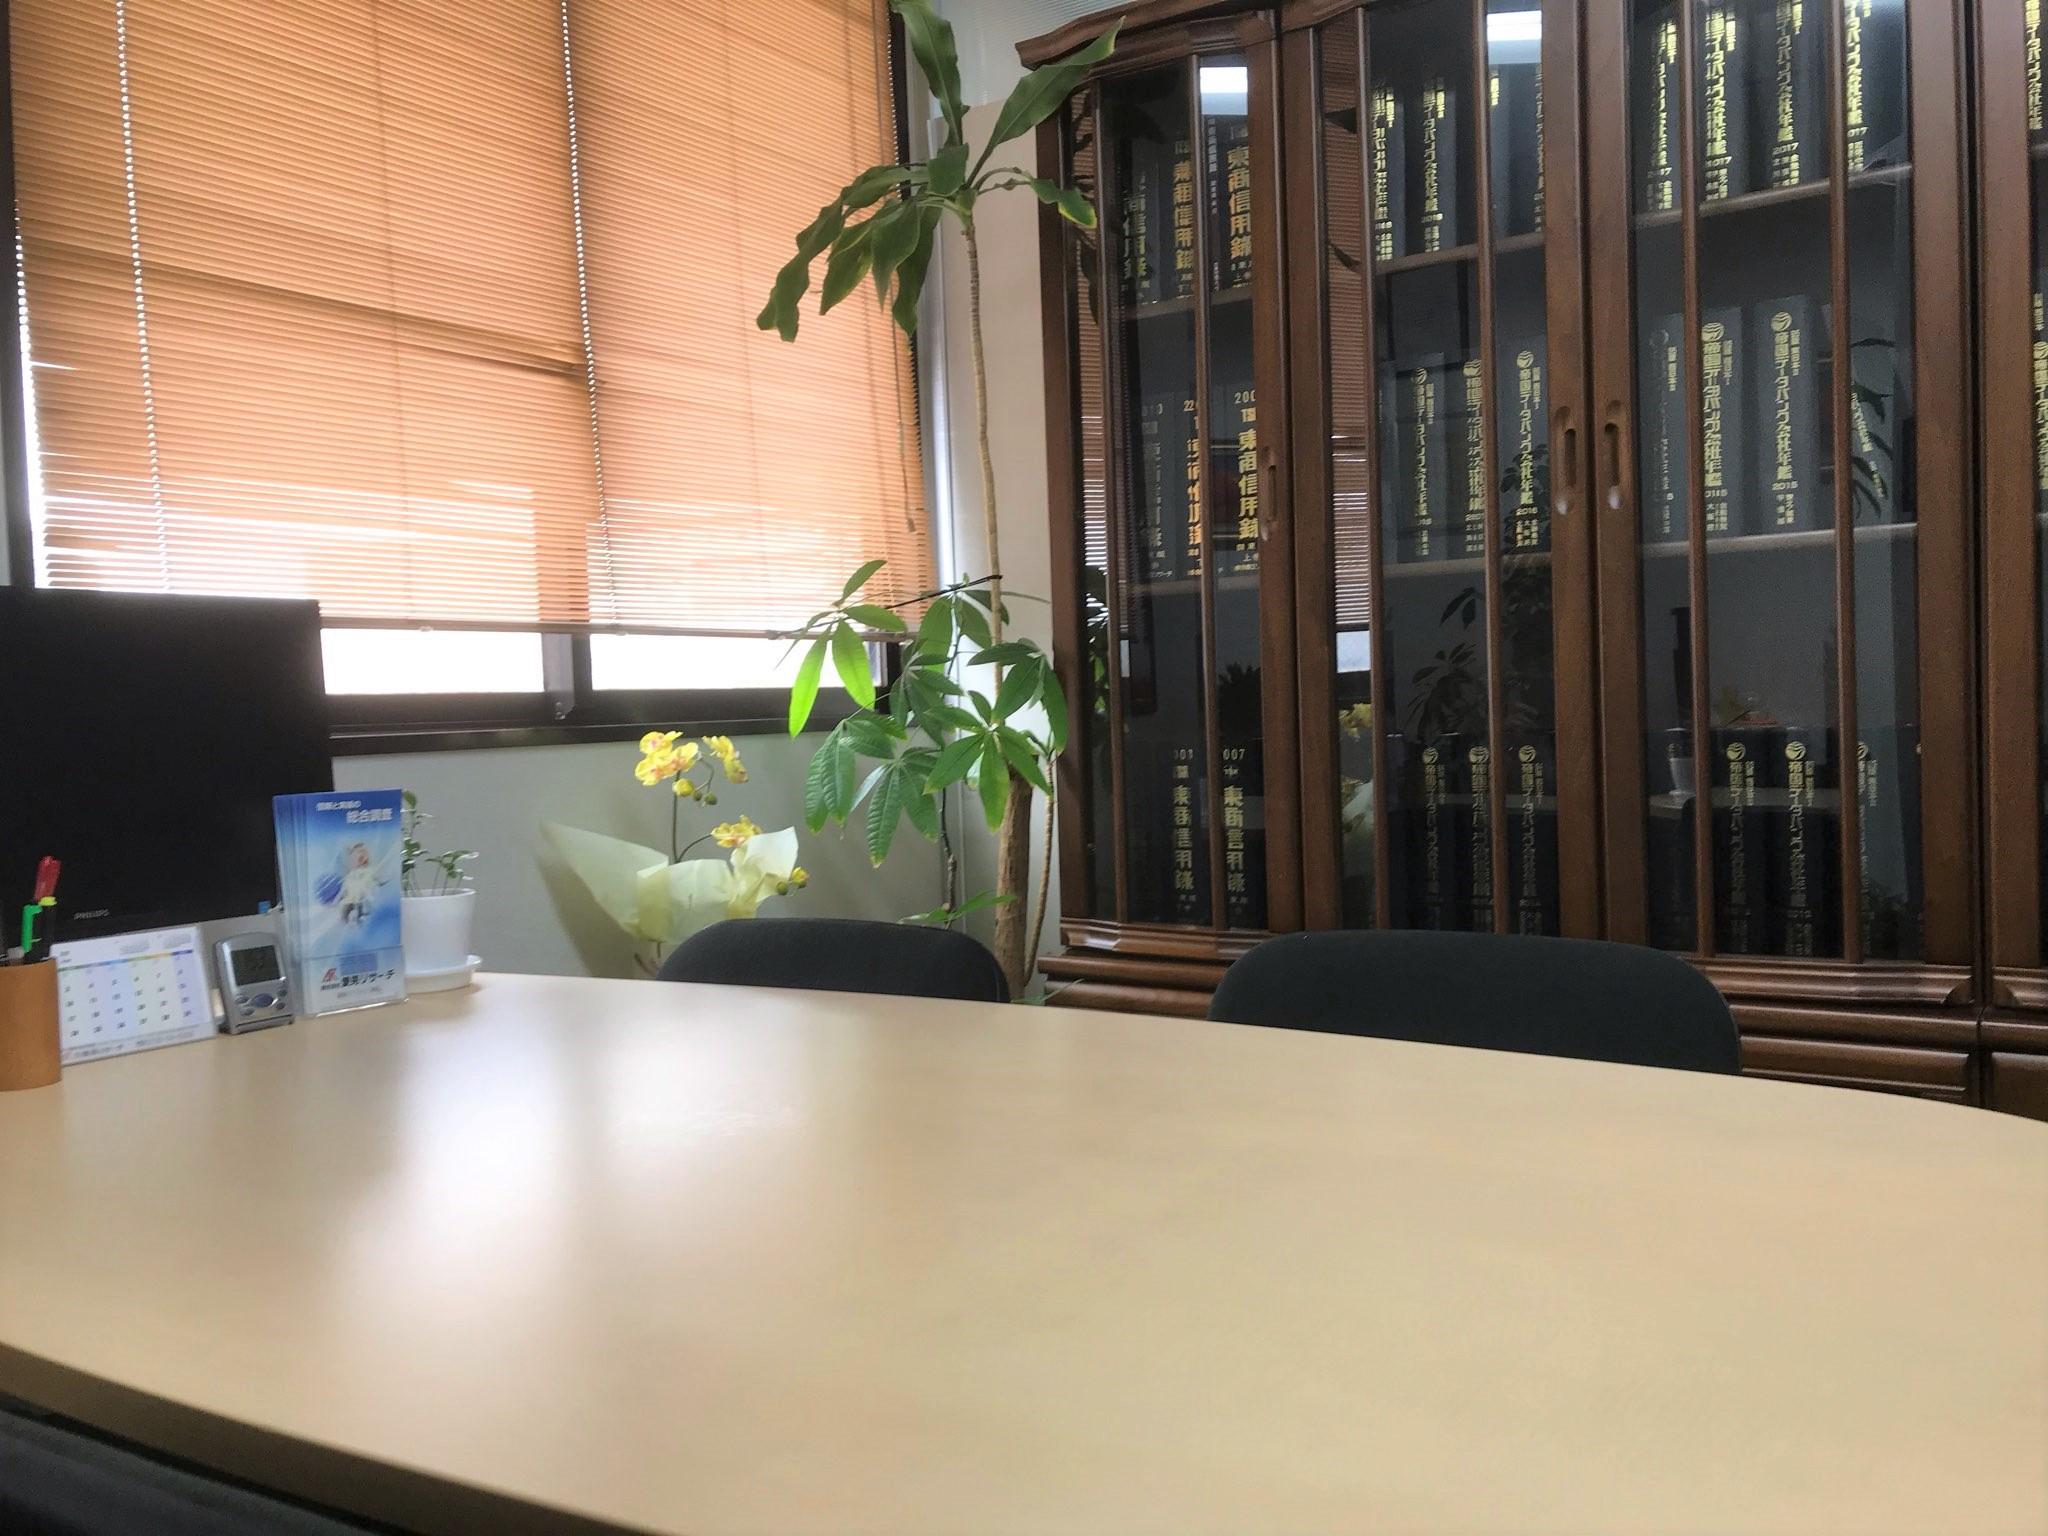 ご面談は、千葉本社の相談室のほか、ご相談者様のご都合のよい場所へお伺いいたします。